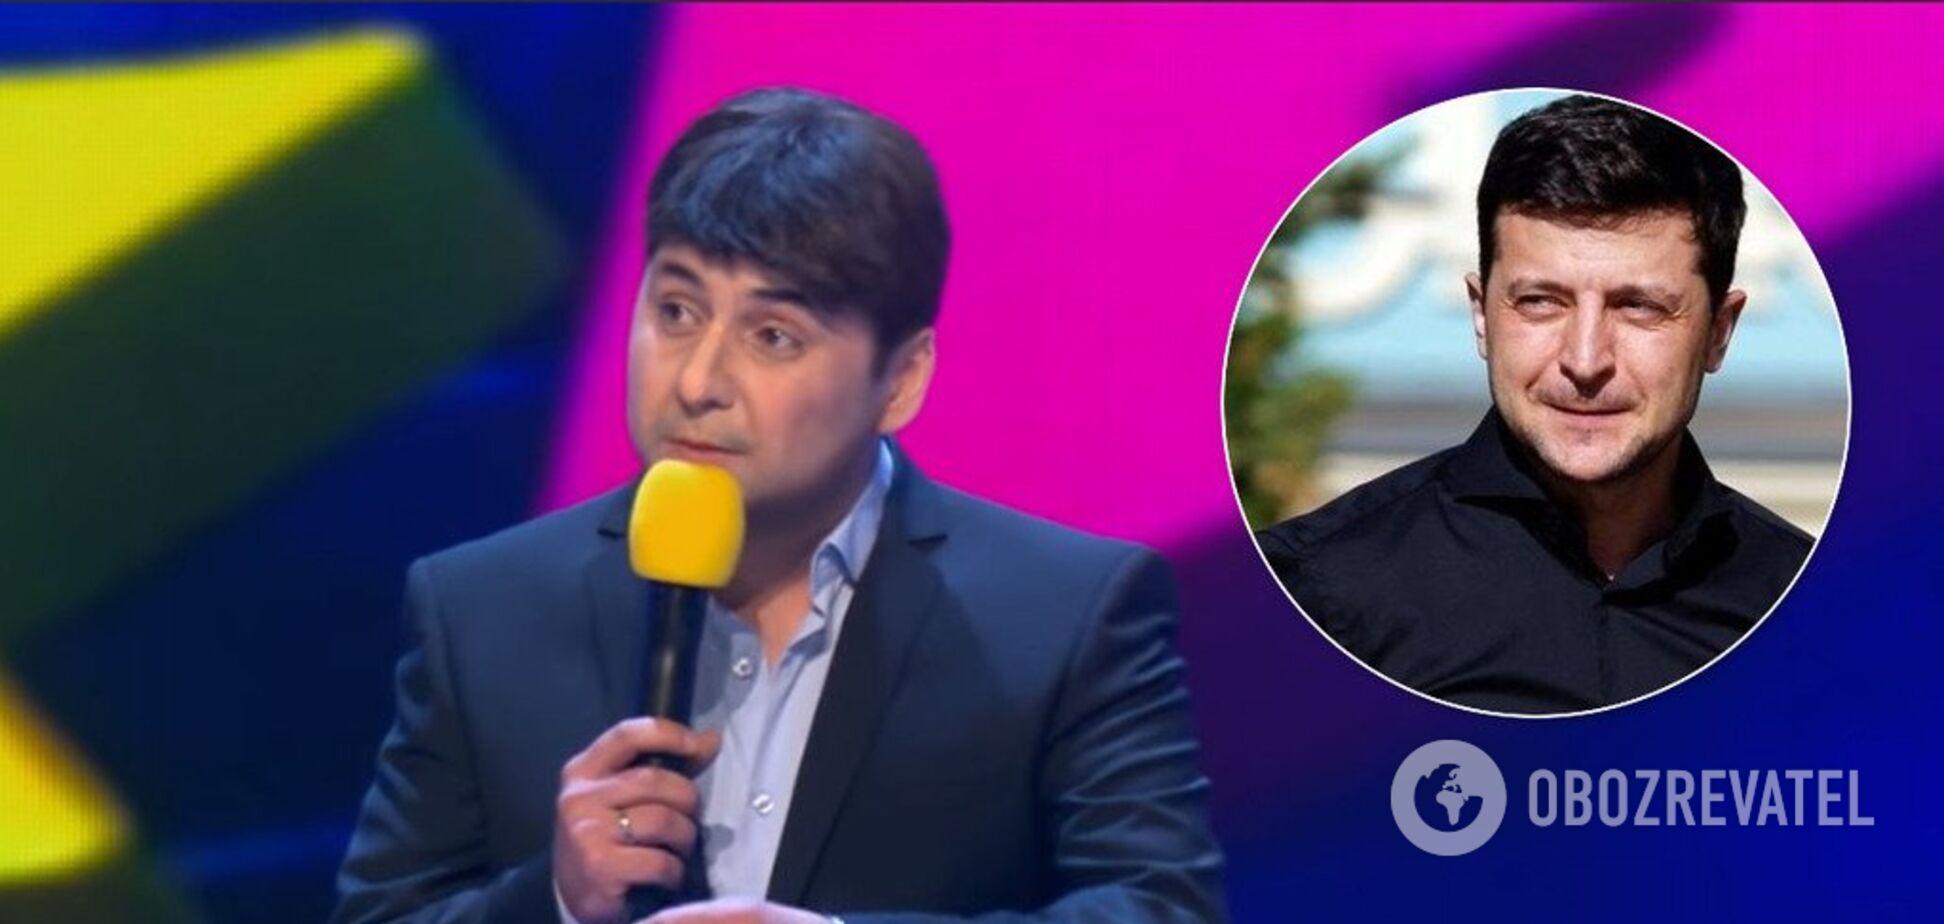 'Мне удобнее на русском': в КВН показали первую пародию на Зеленского